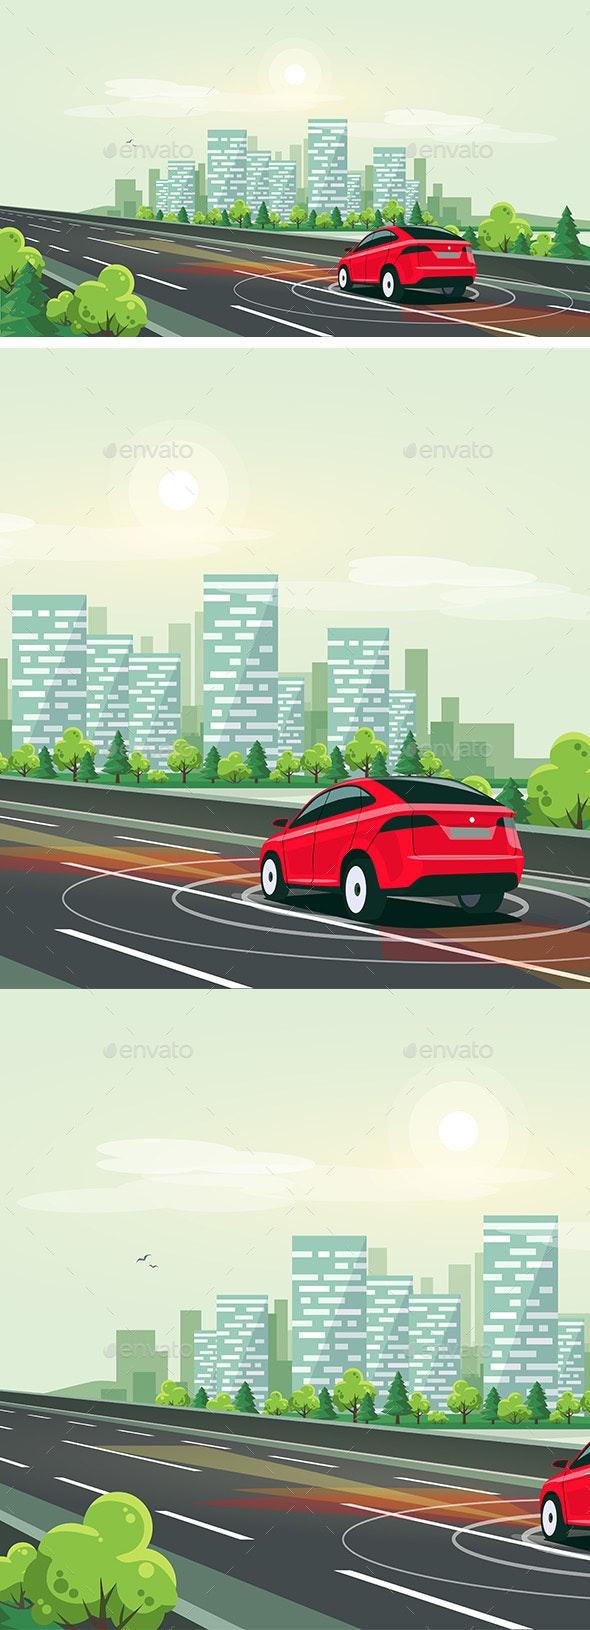 Smart Autonomous Driverless Electric Car Driving - Travel Conceptual